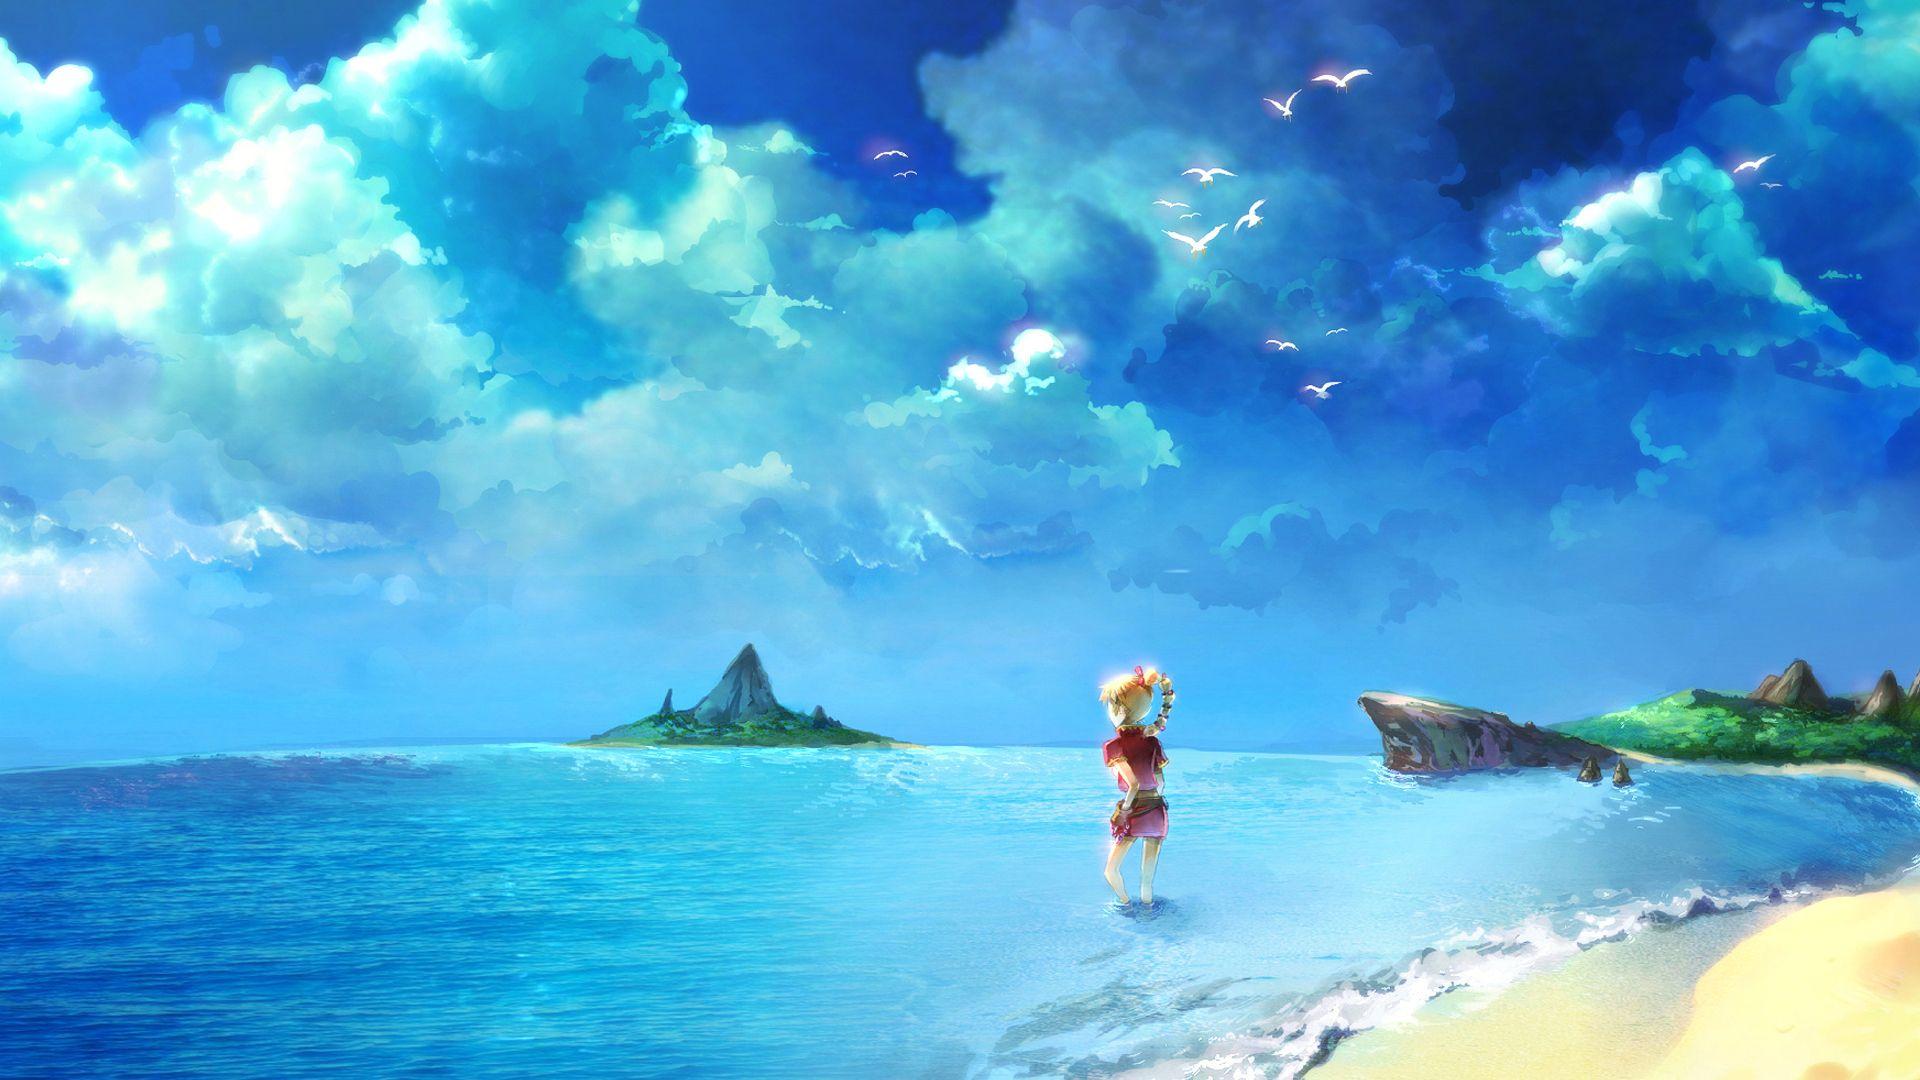 Anime Beach Art